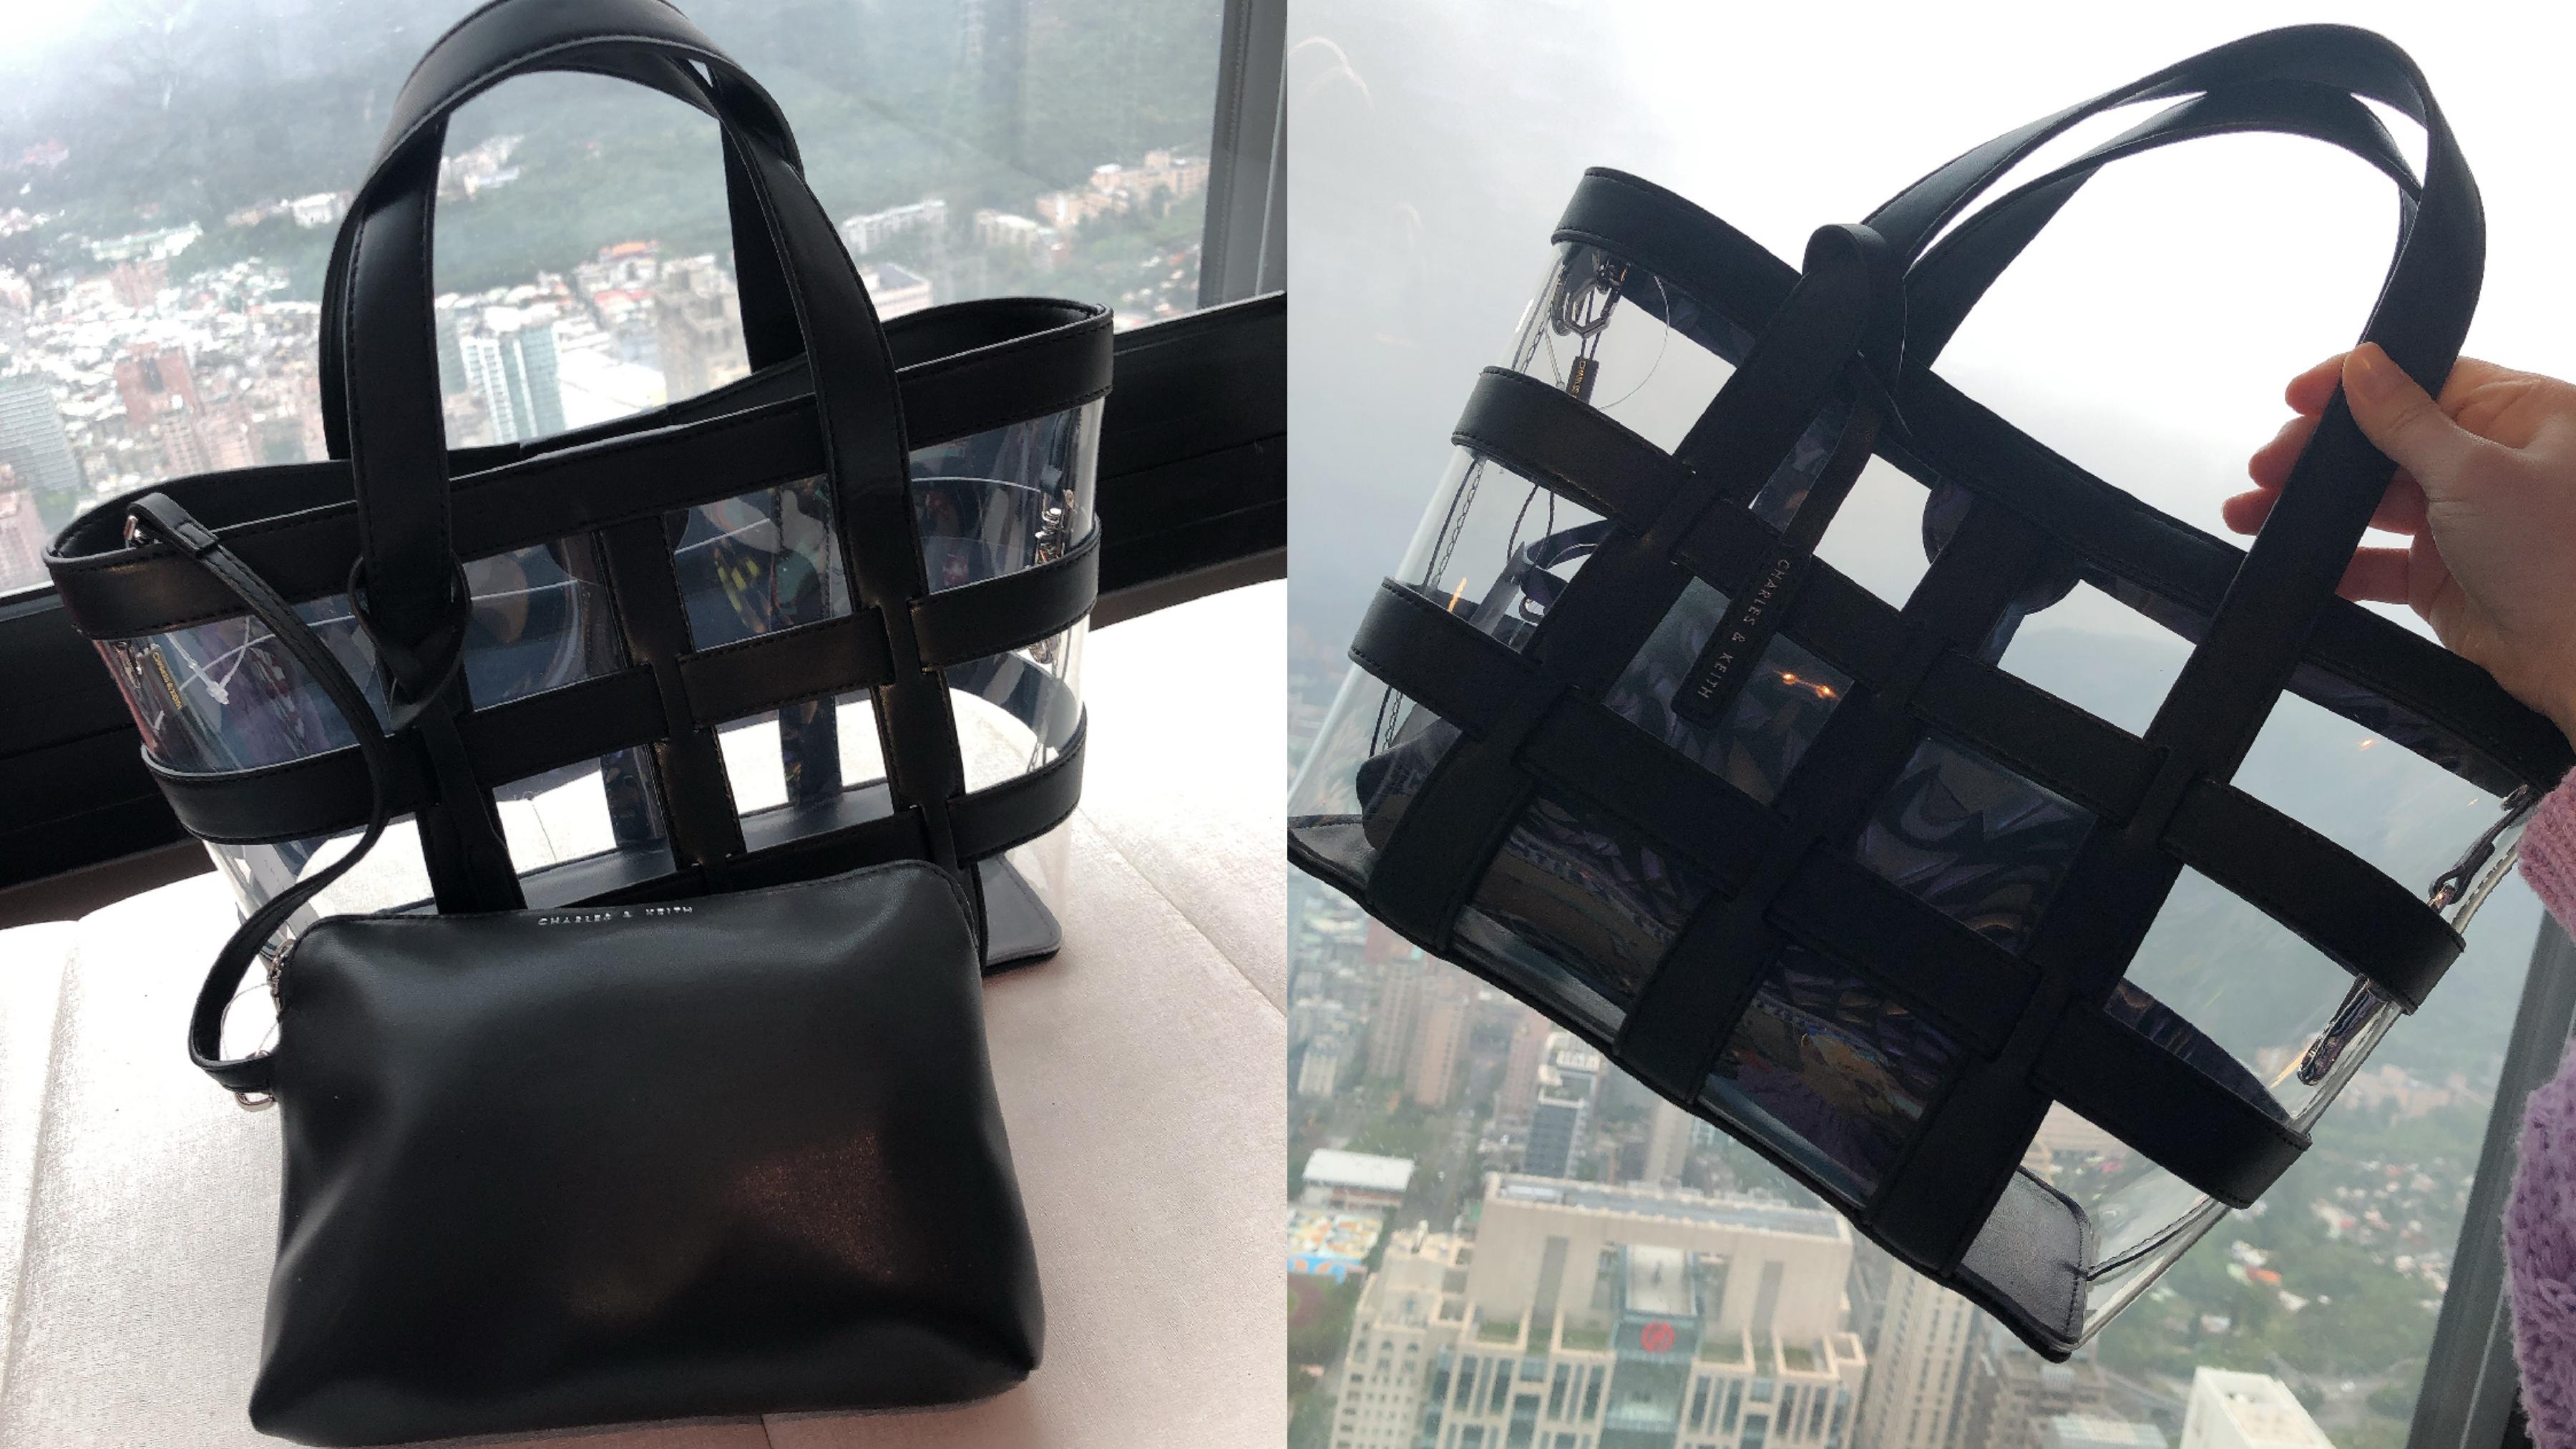 半透明網紗材質等元素,翻玩出變化多端的時髦配件